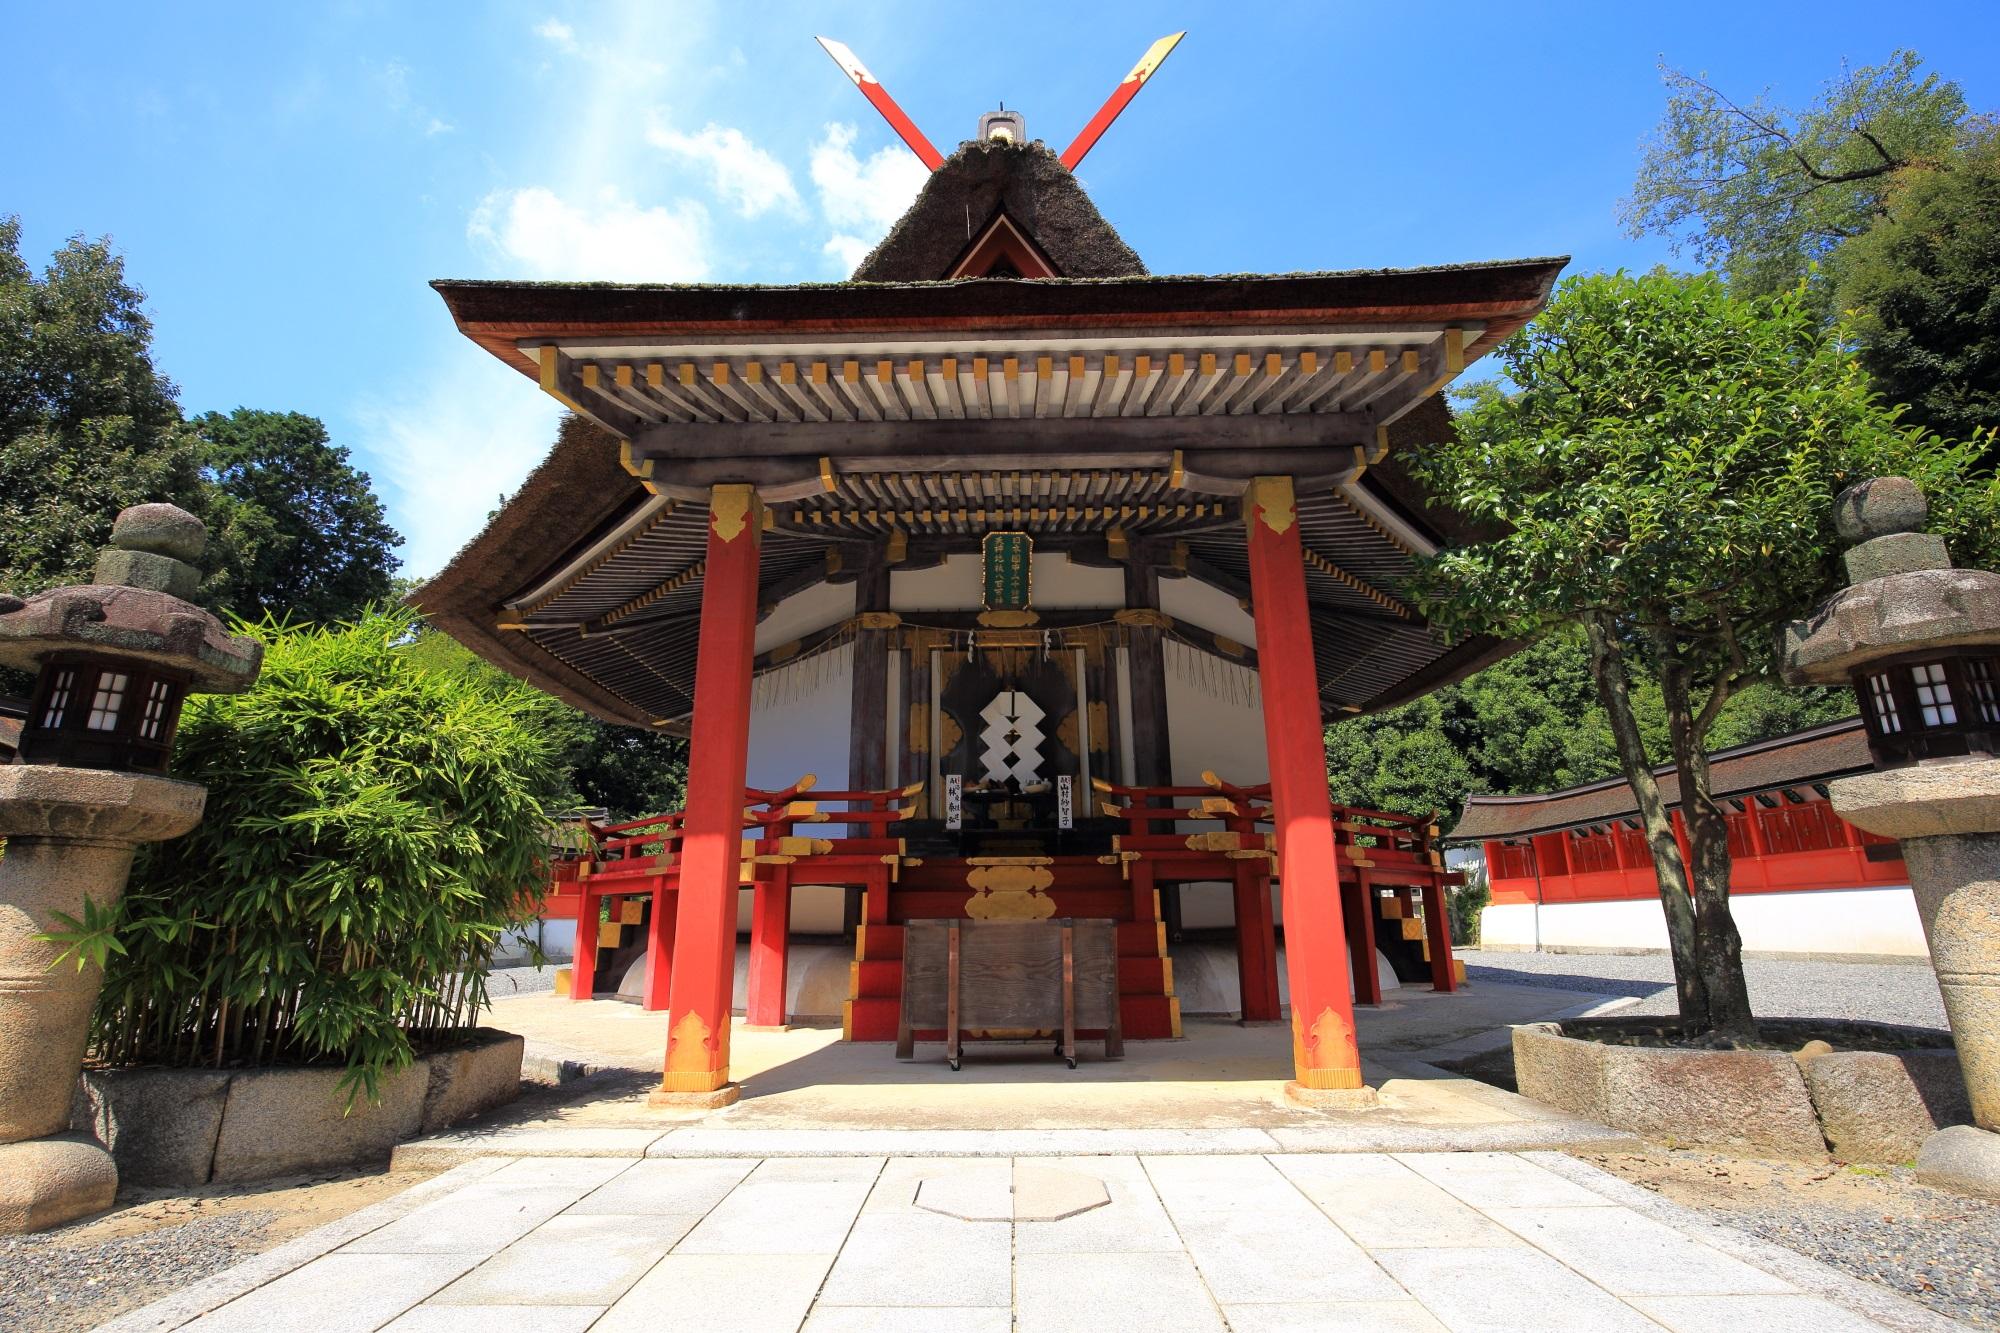 厄払いの吉田神社の末社の斎場所大元宮